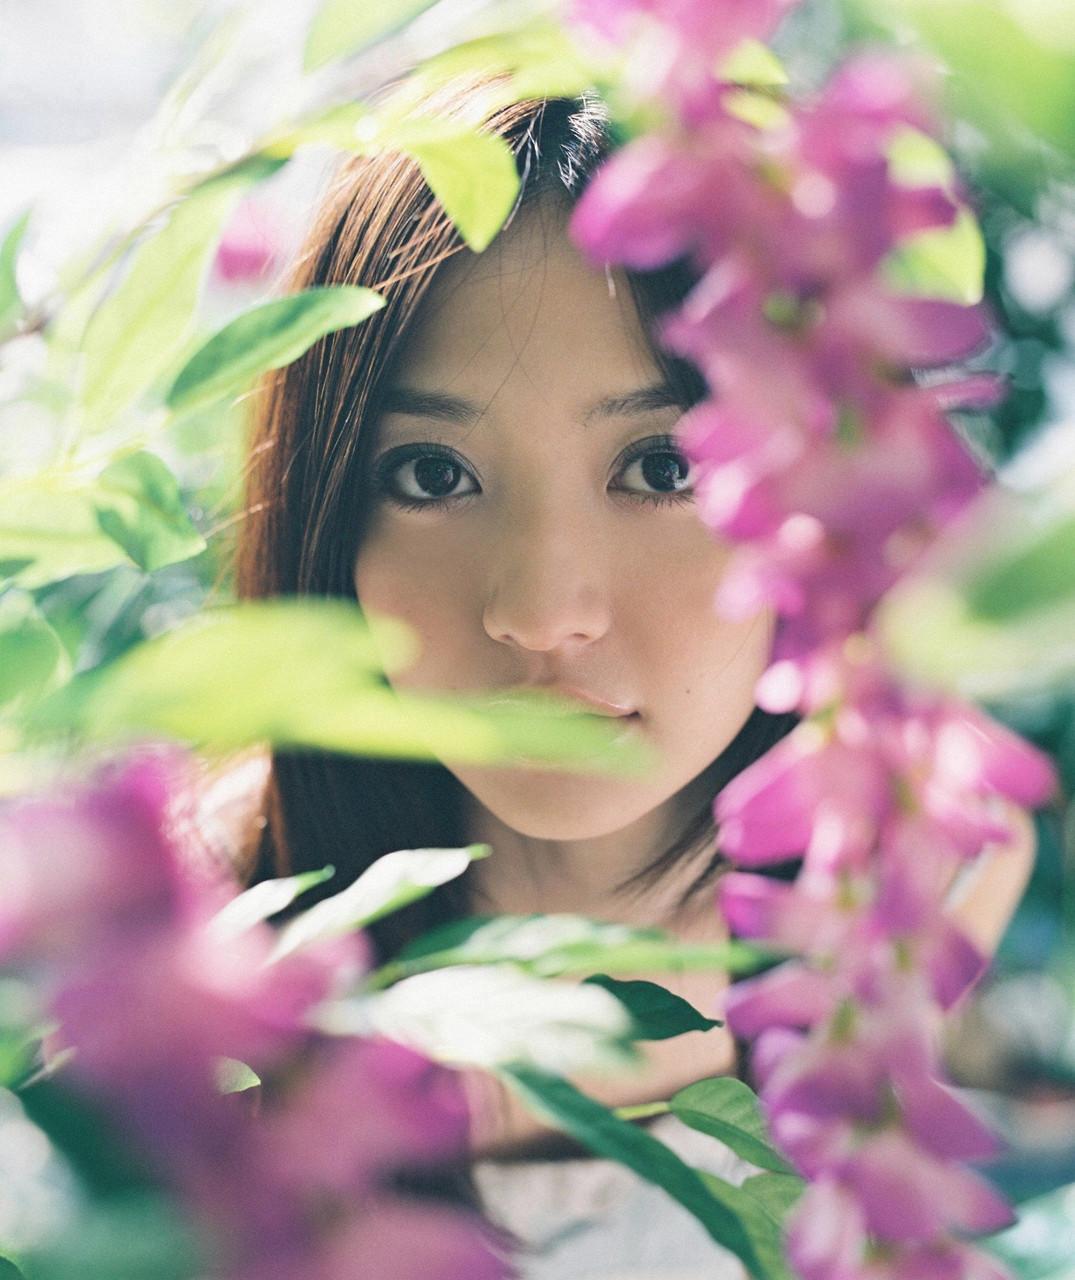 逢沢りな「さよなら、美少女」グラビア 06-01